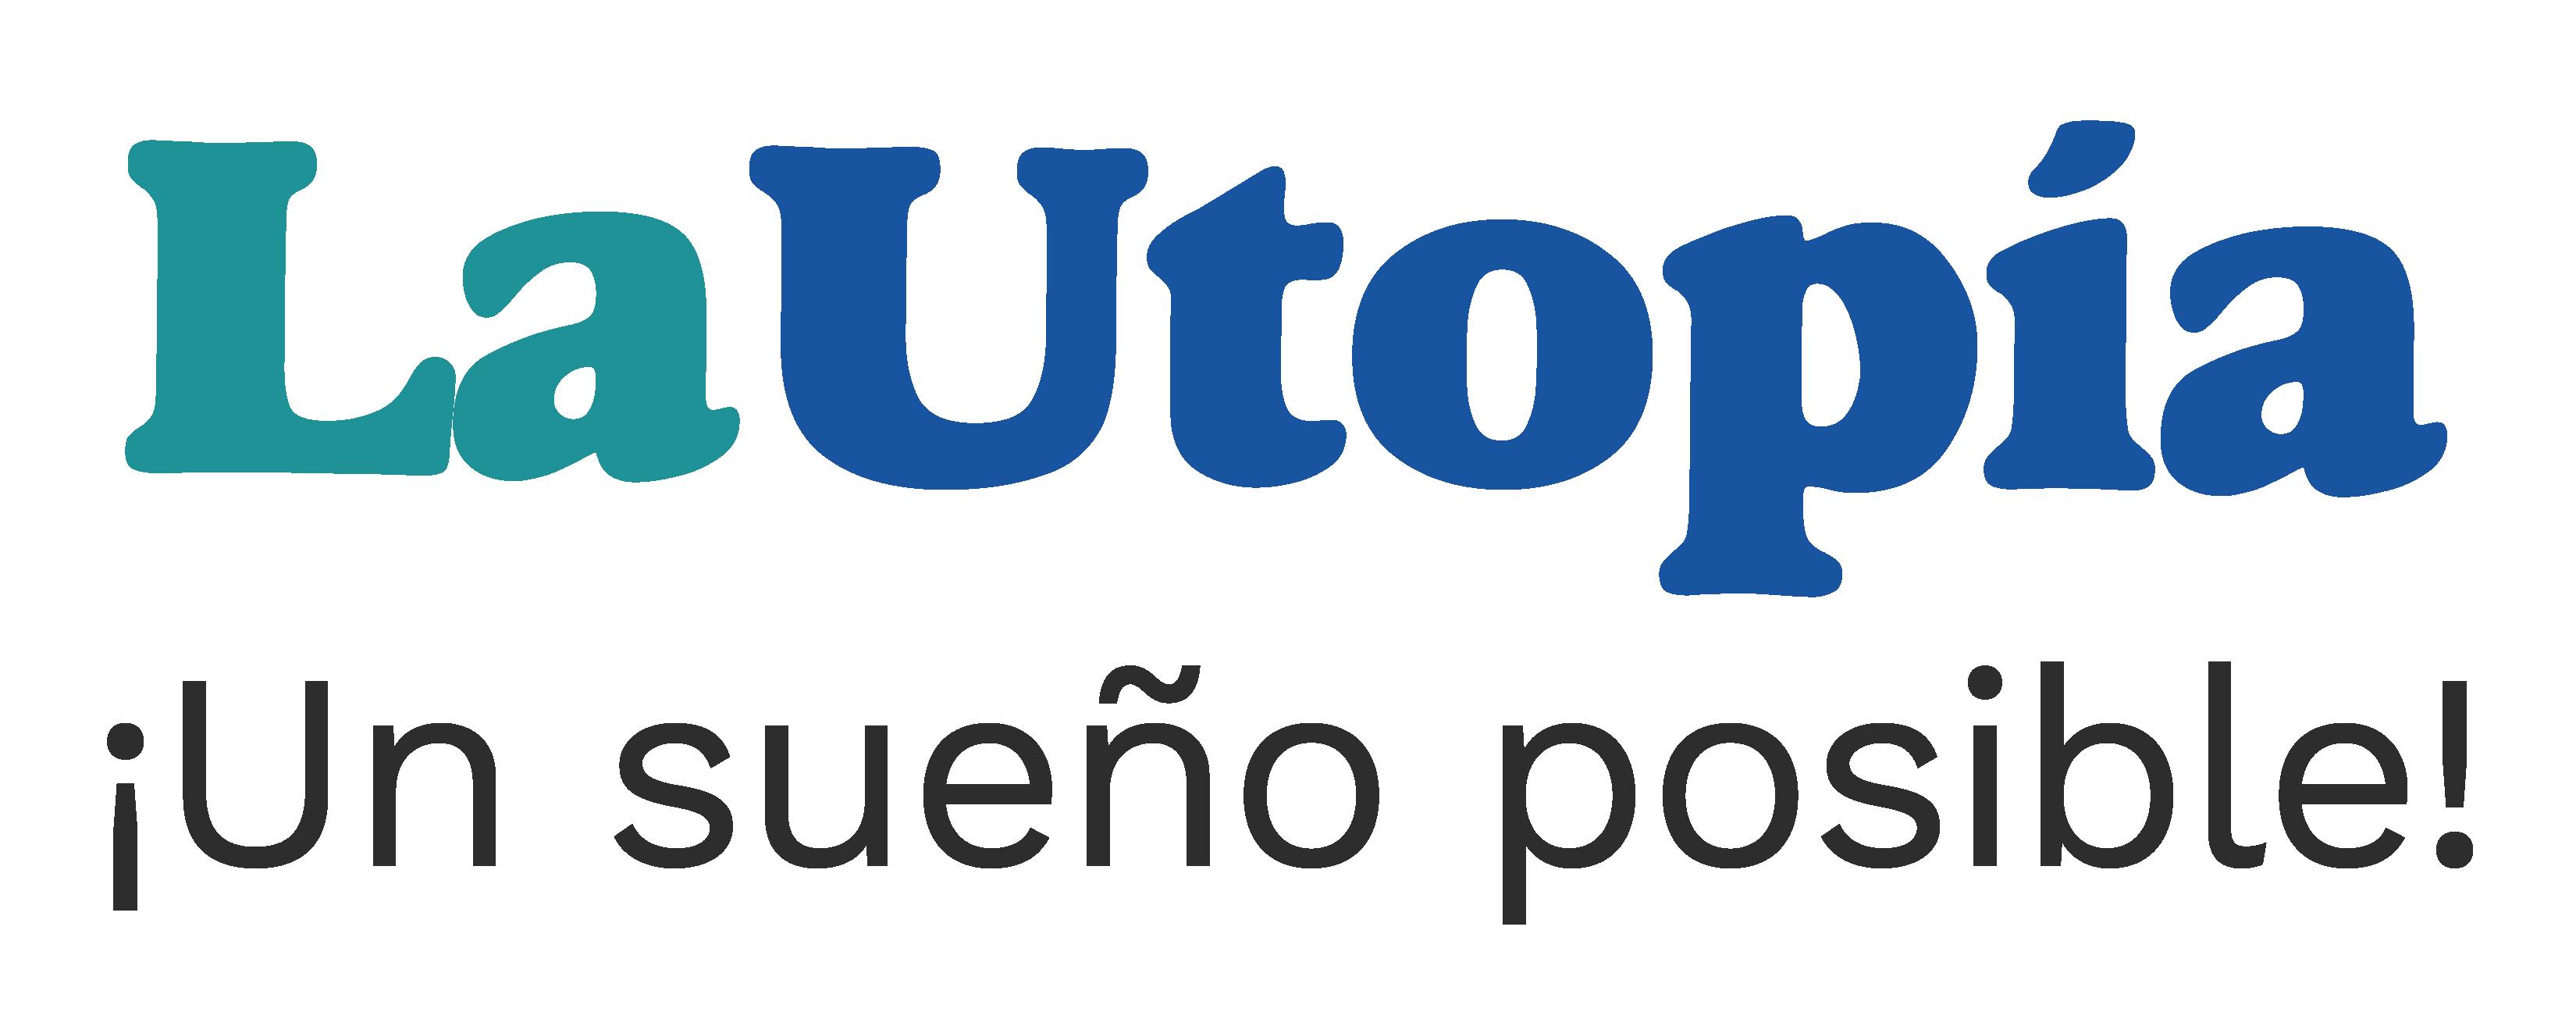 La Utopía Color